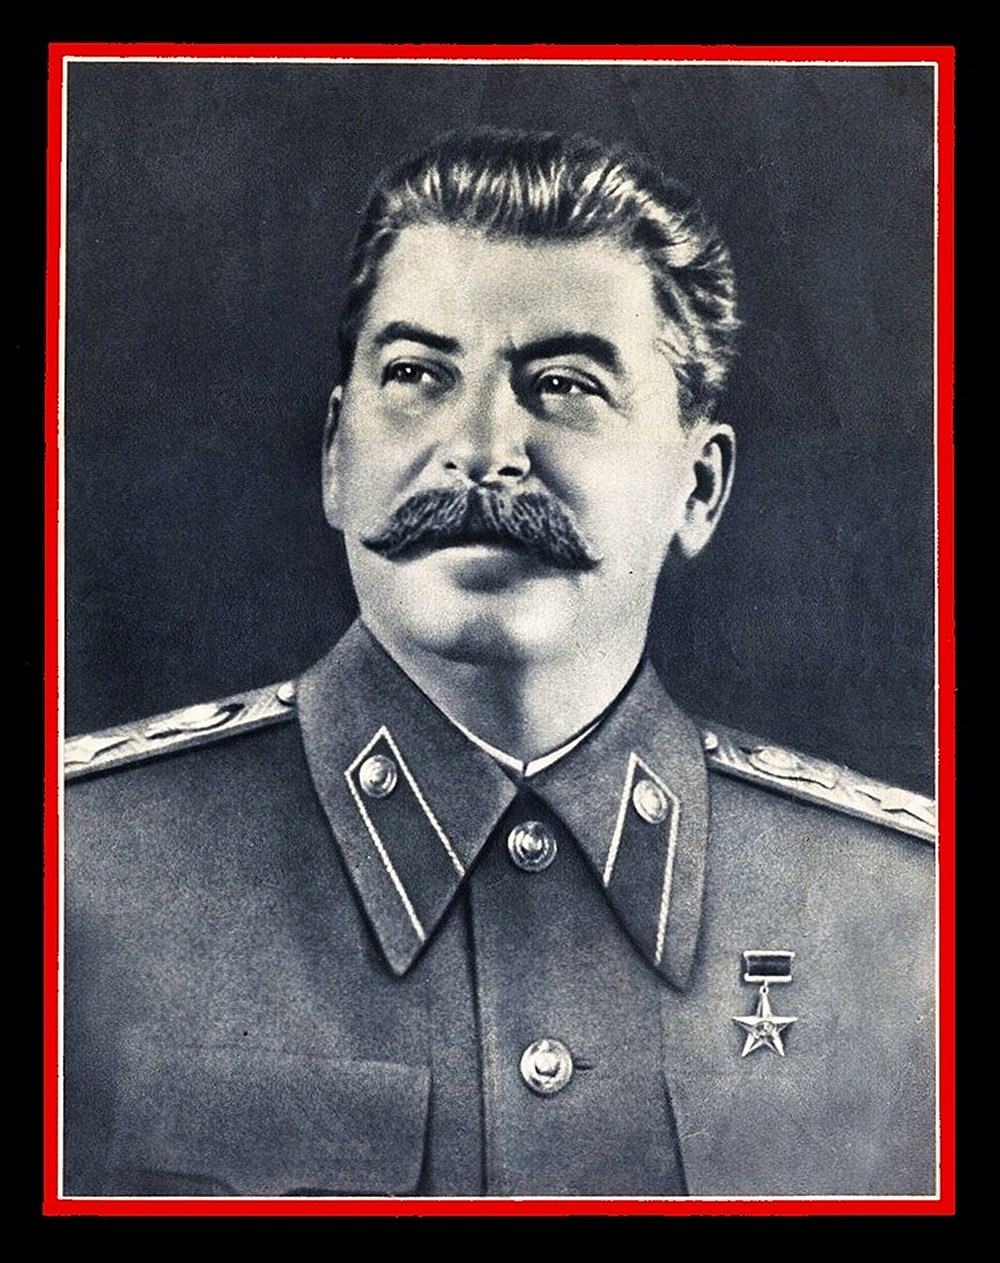 ВЕЛИКОЕ ПРОЩАНИЕ. 1953 ГОД